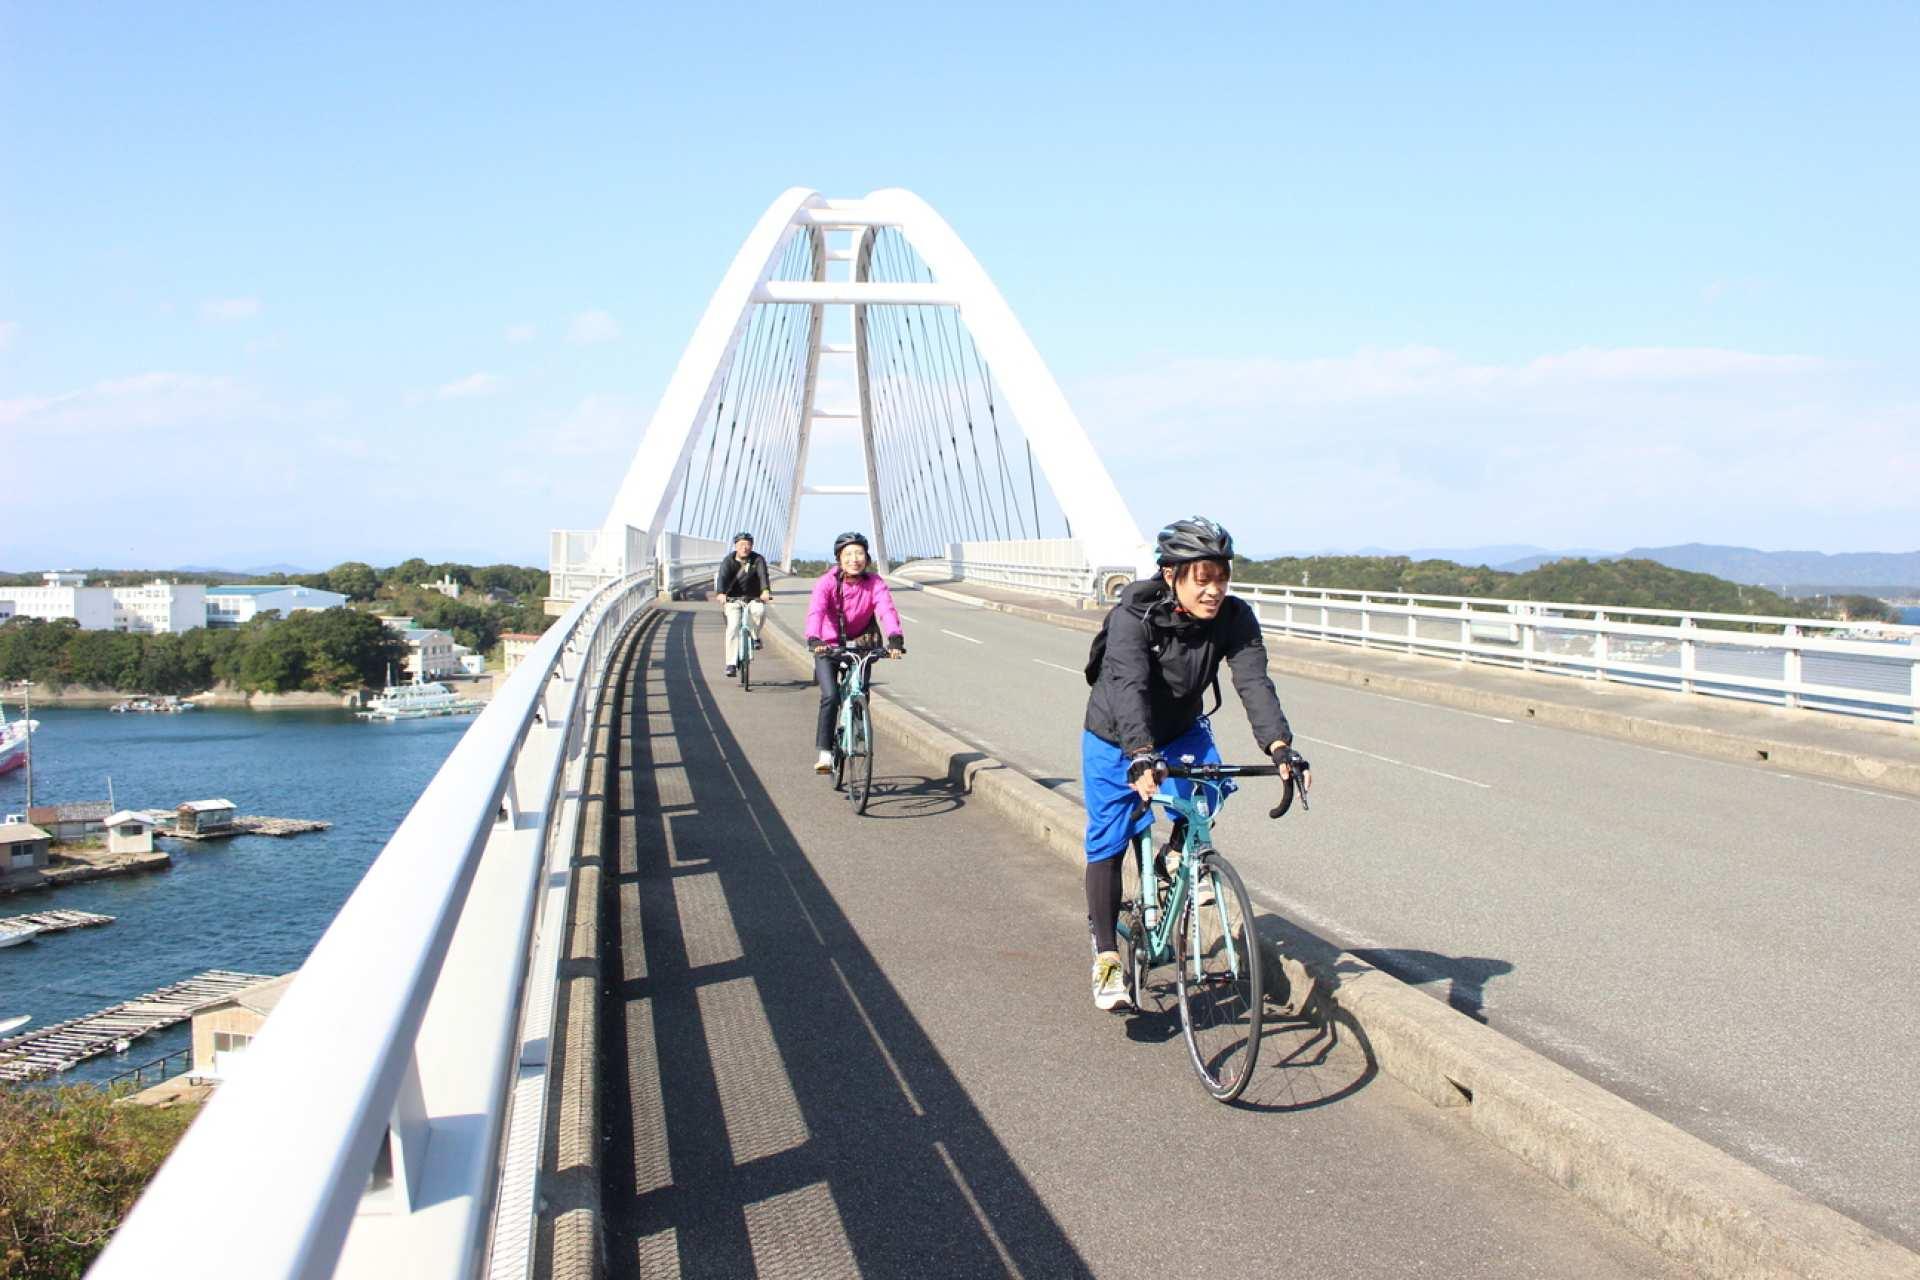 志摩サイクリングツアー|パールブリッジ・海女小屋ランチ|三重アクティビティ予約